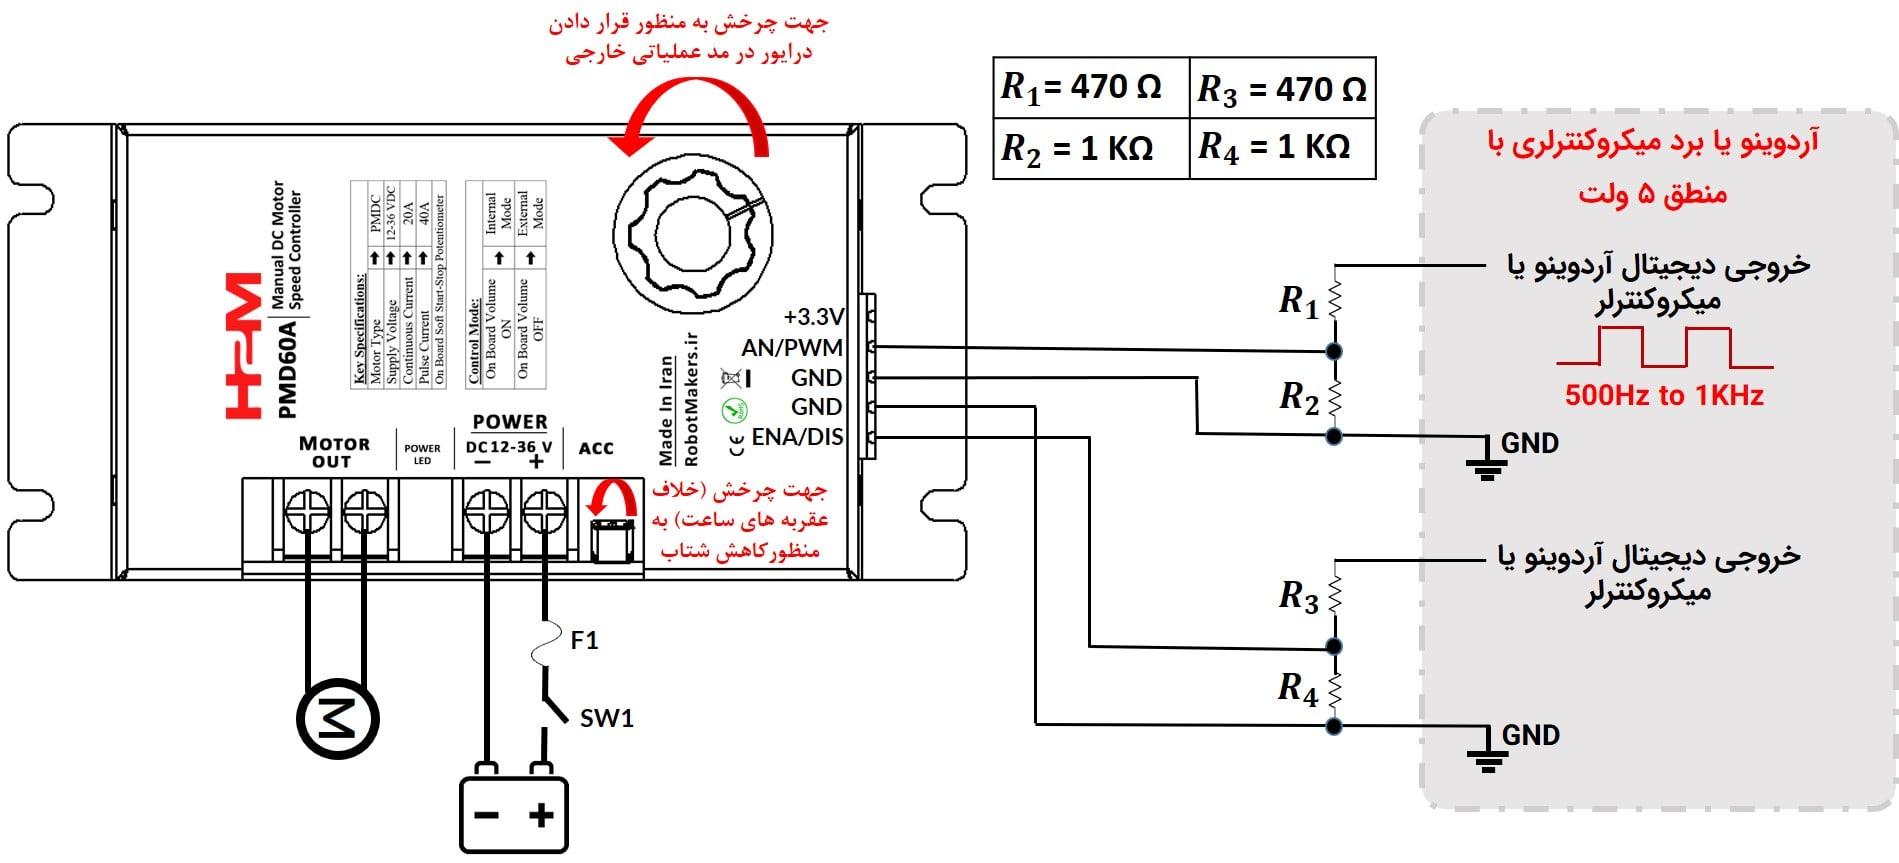 شکل ۱۱: کنترل درایور از طریق پالس PWM به وسیله آردوینو یا میکروکنترلر با منطق ۵ ولت